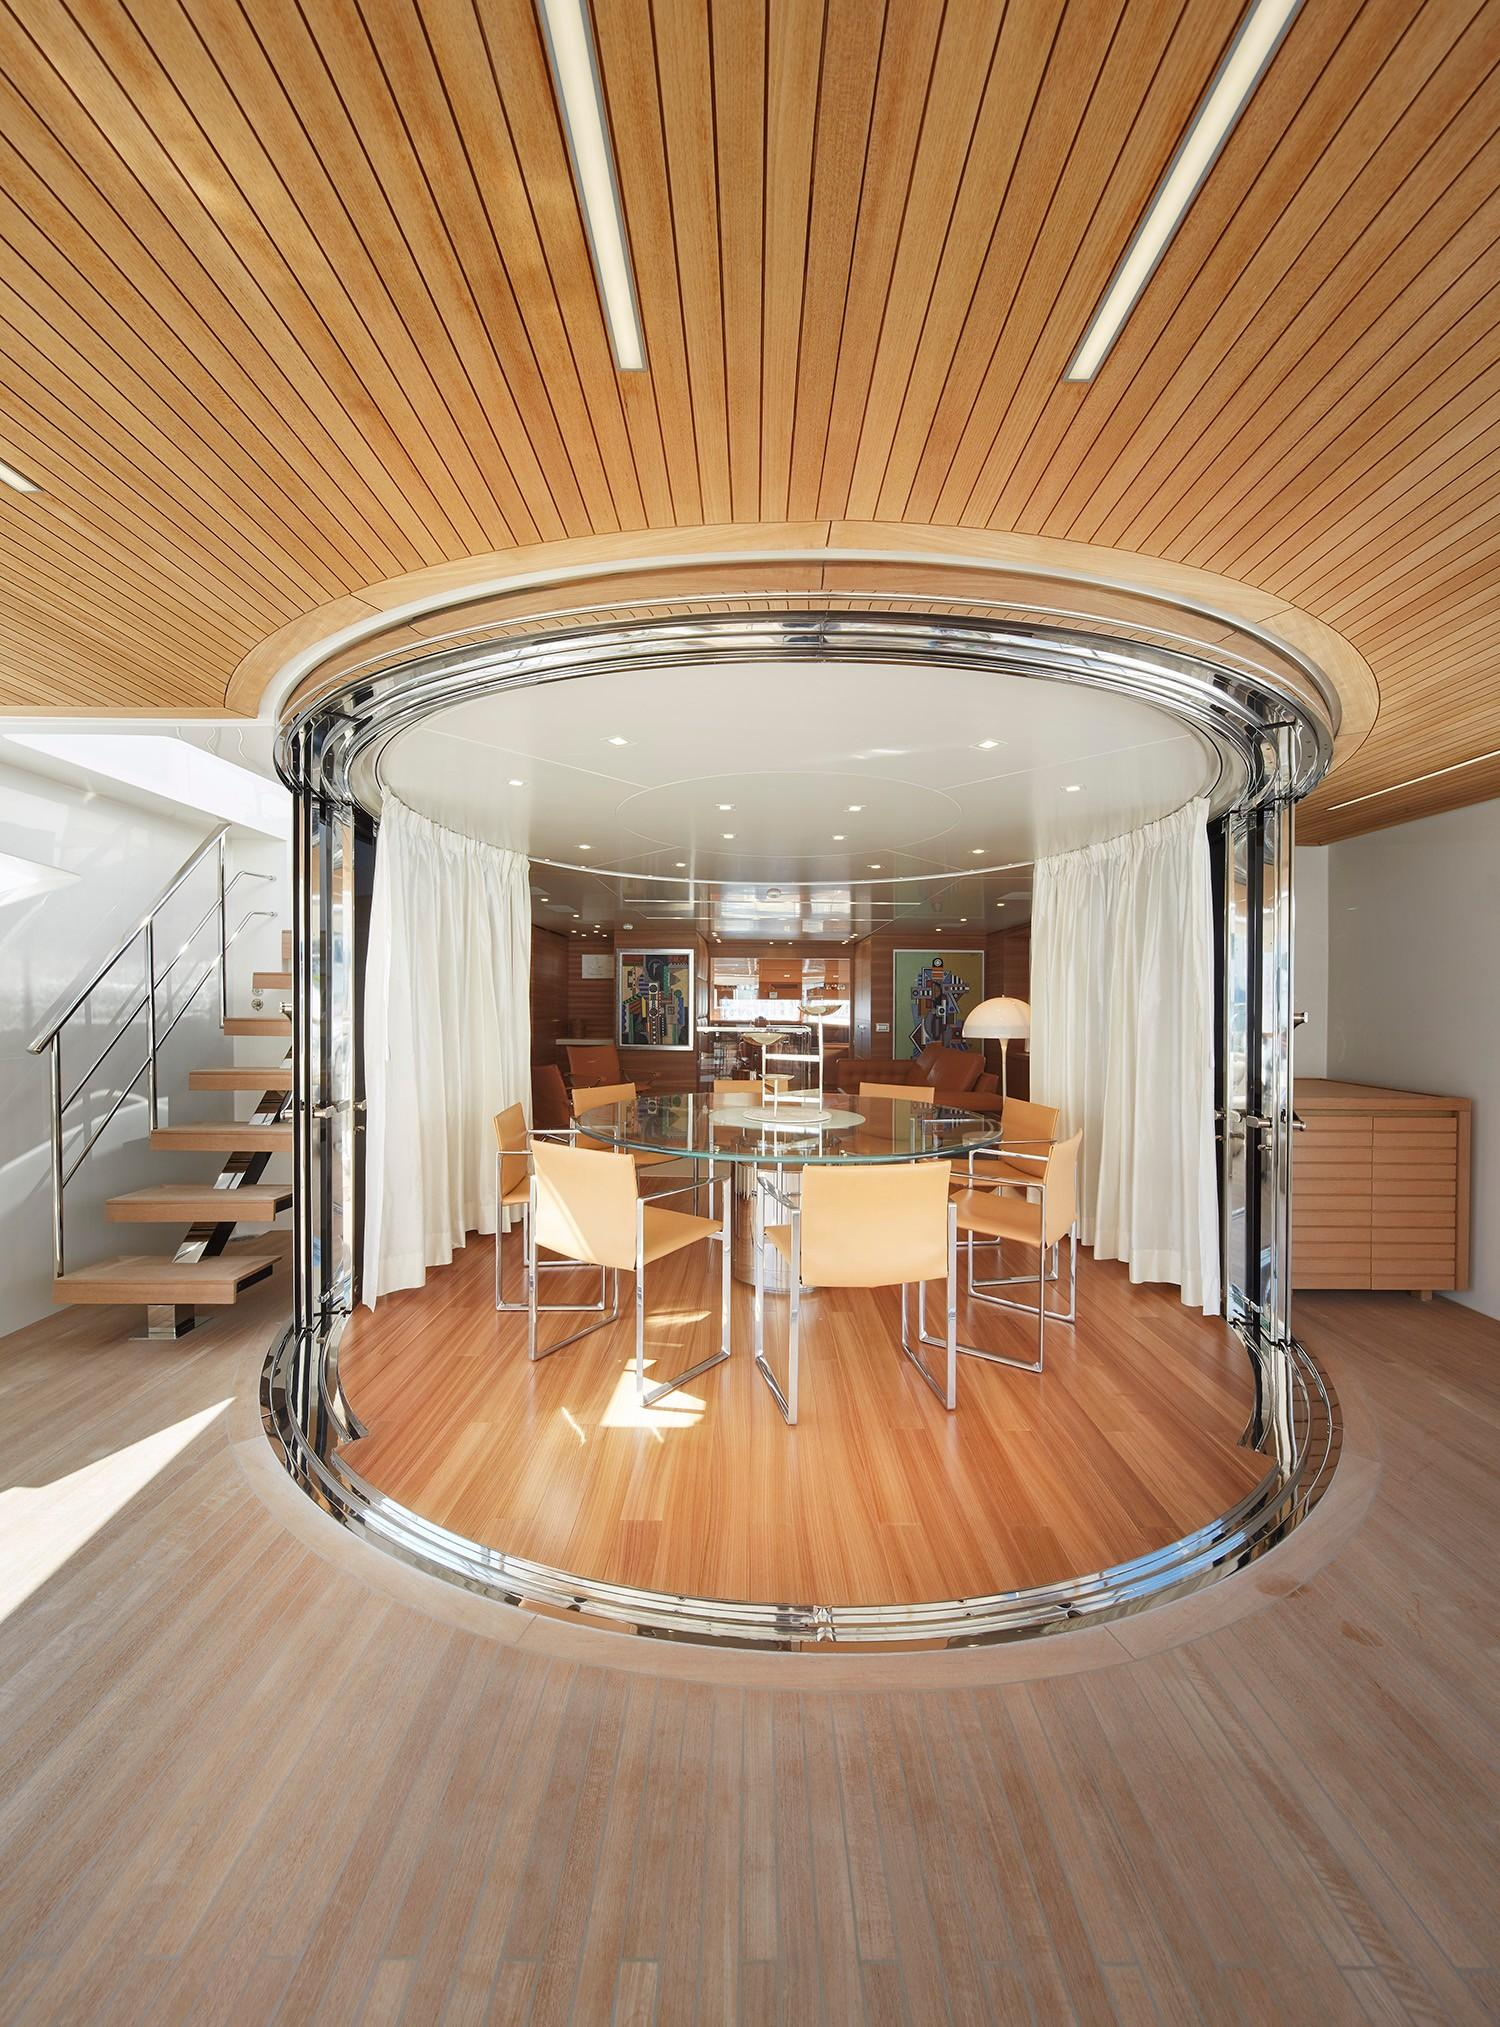 SD112 - Upper Deck Salon